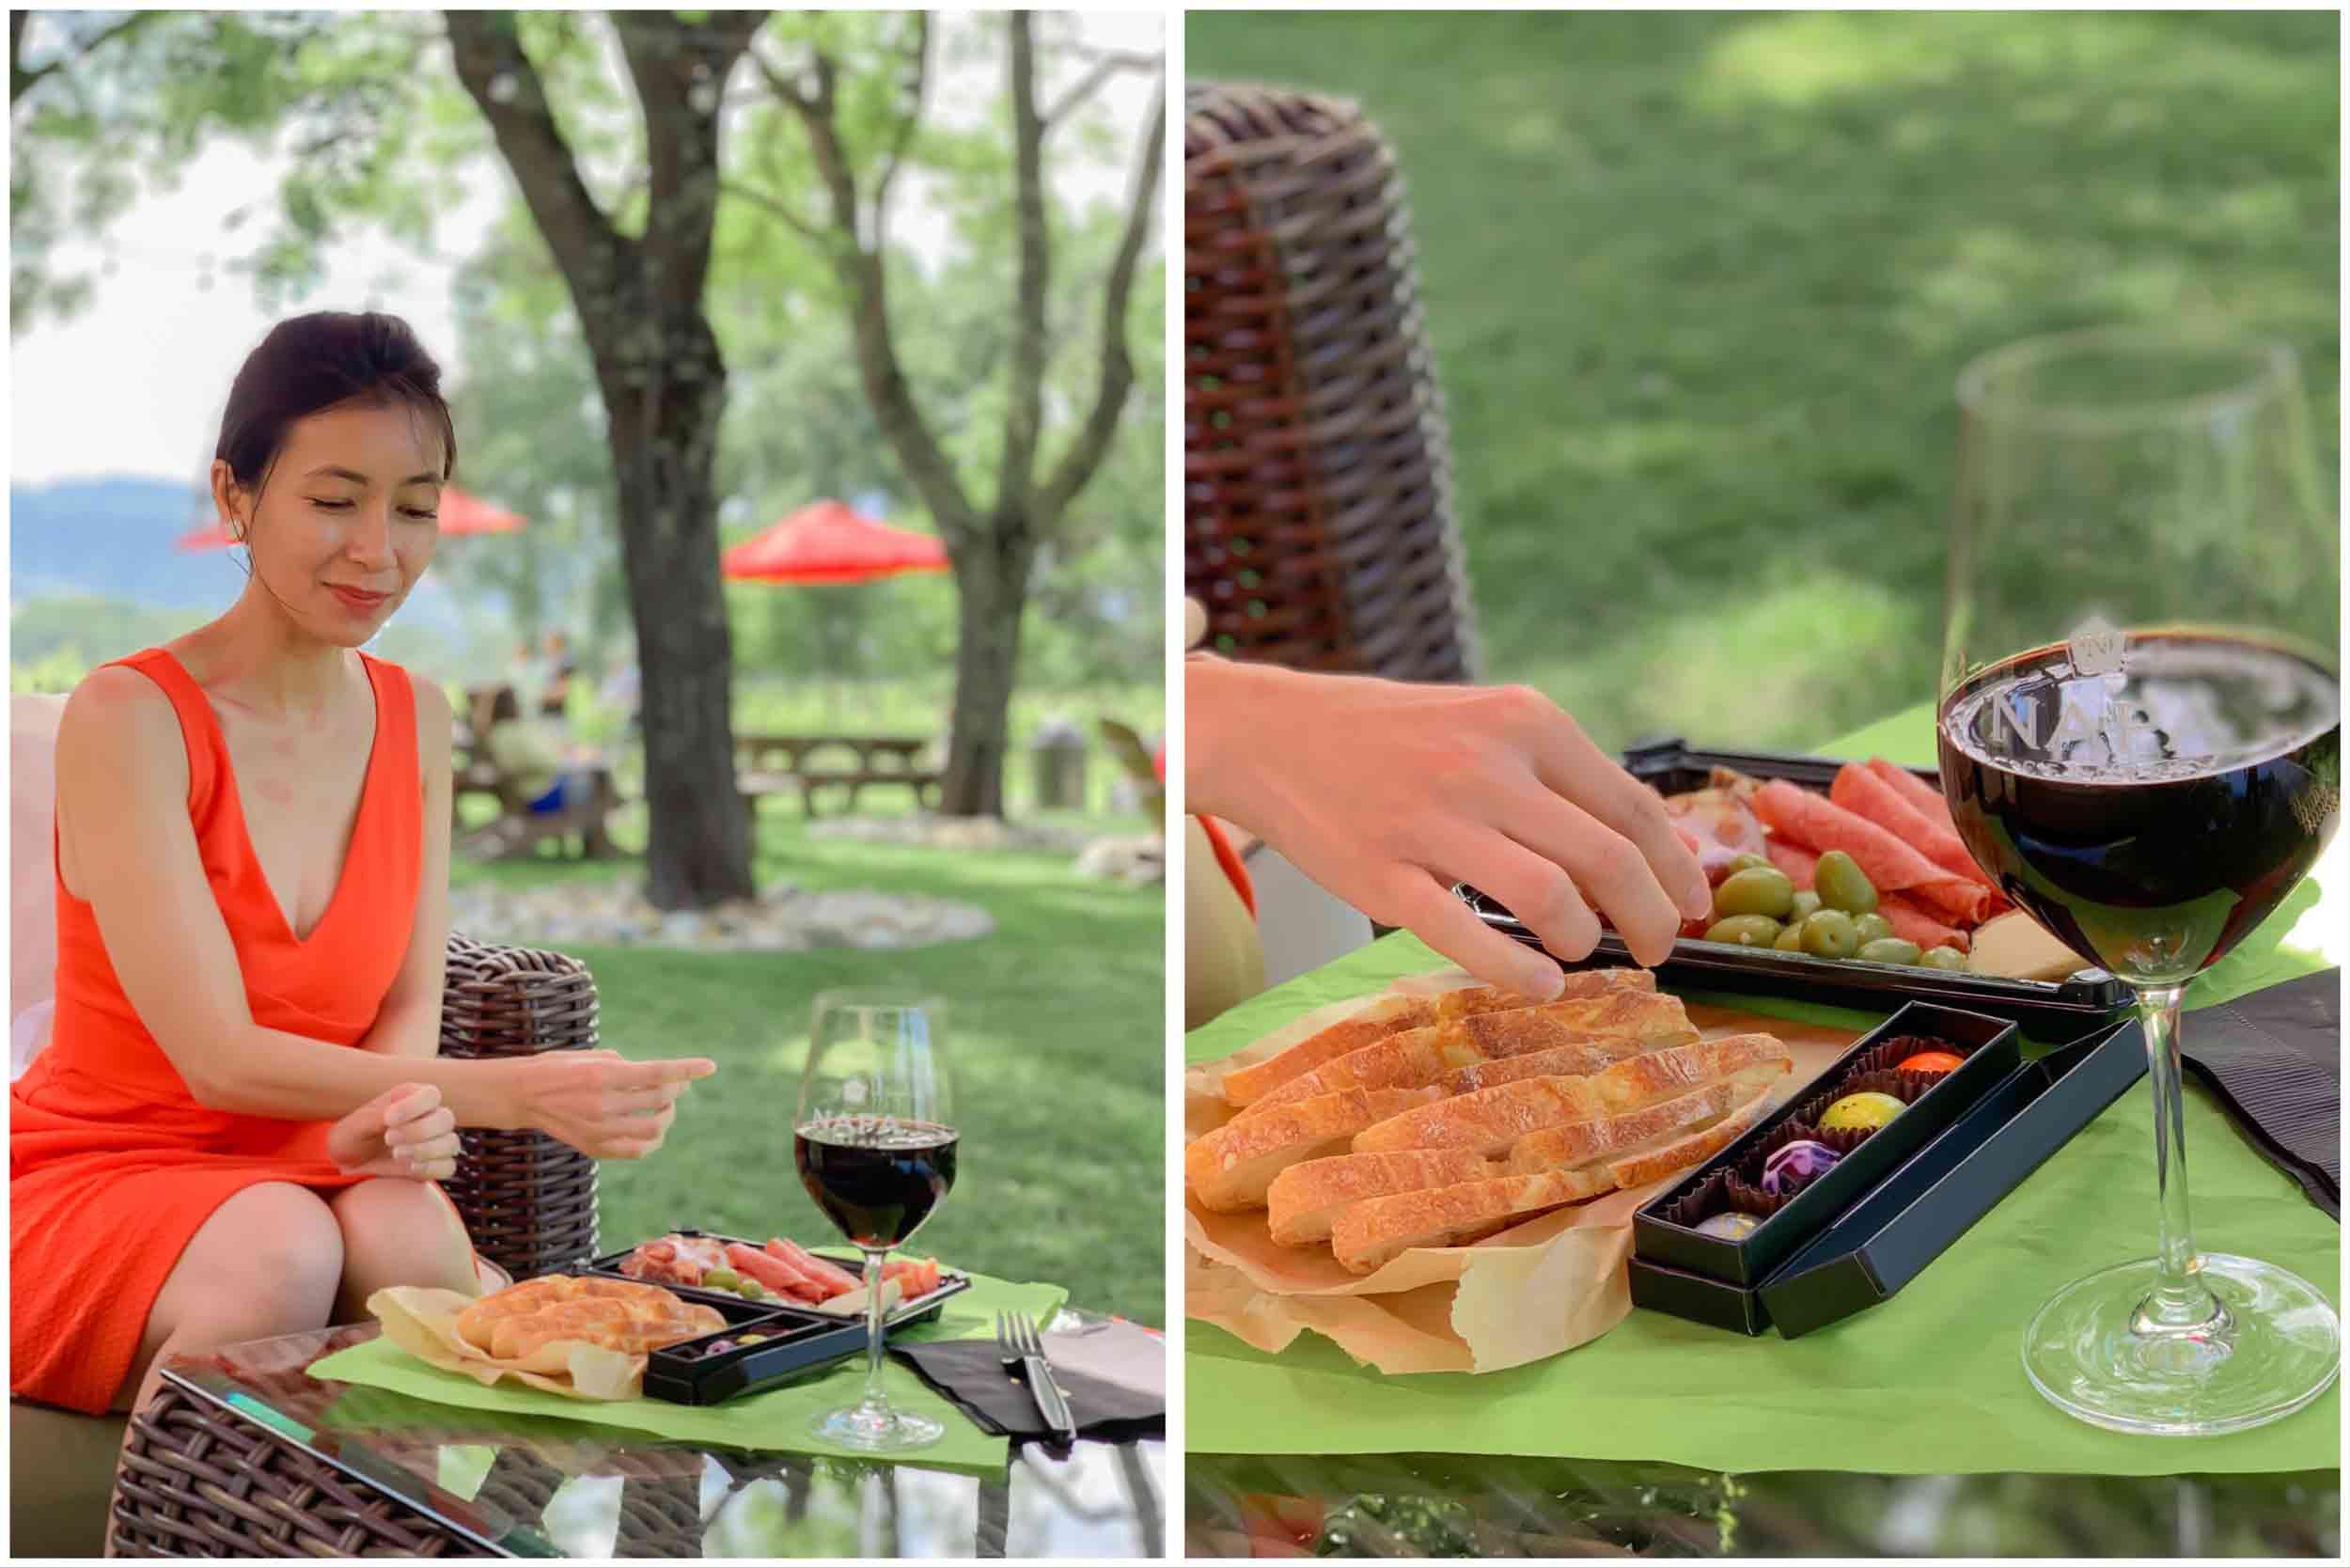 picnic-at-napa-cellars